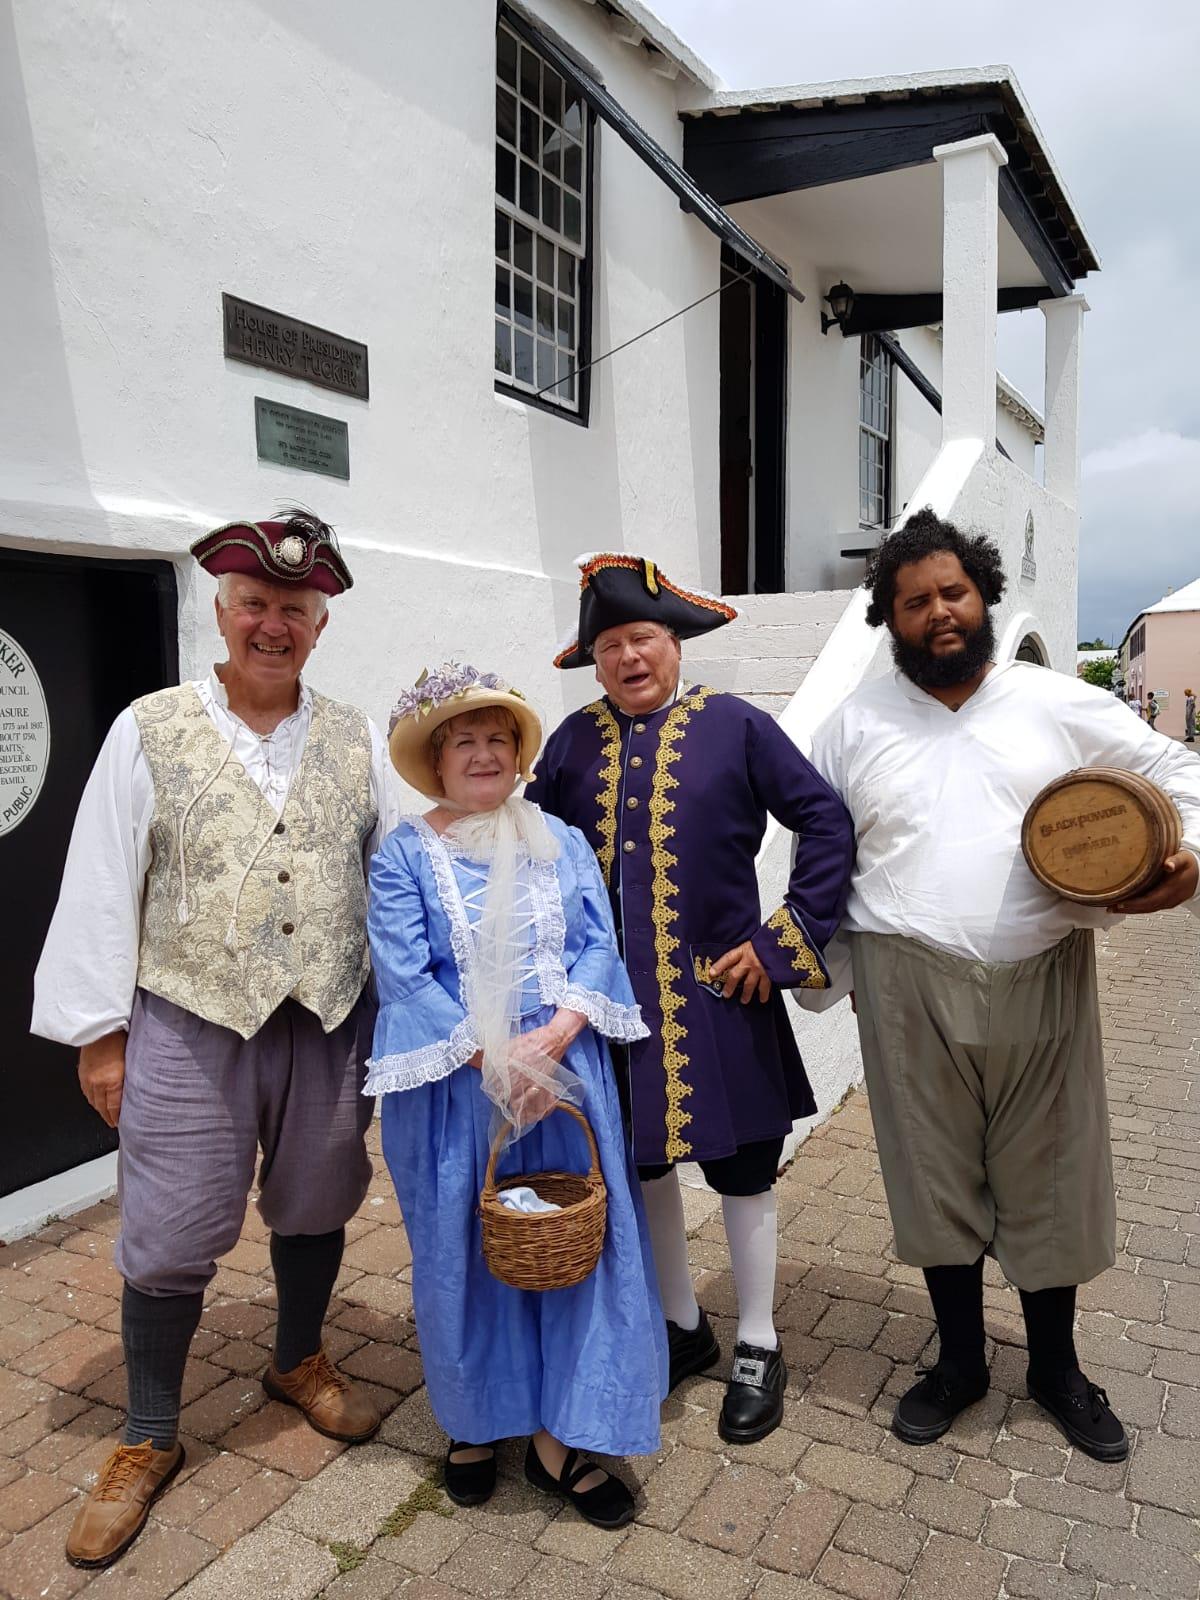 Bermuda's Gunpowder Plot history comes alive for St George's visitors